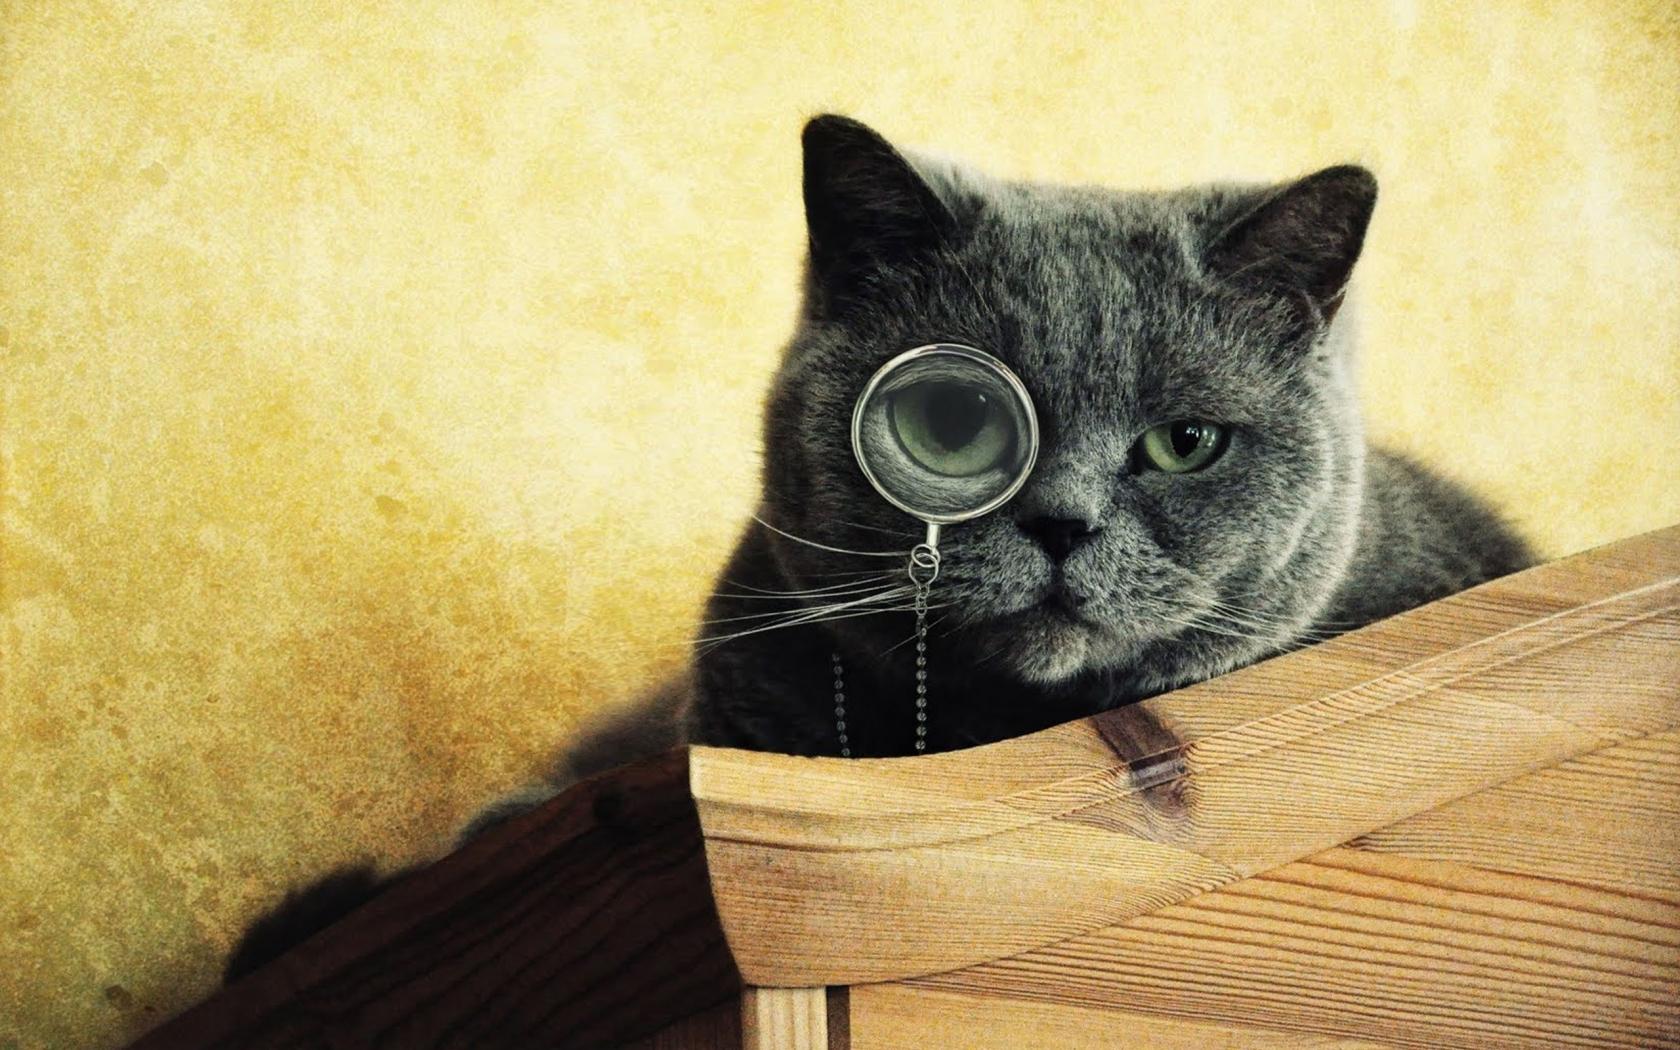 Imágenes graciosas de gatos - 1680x1050